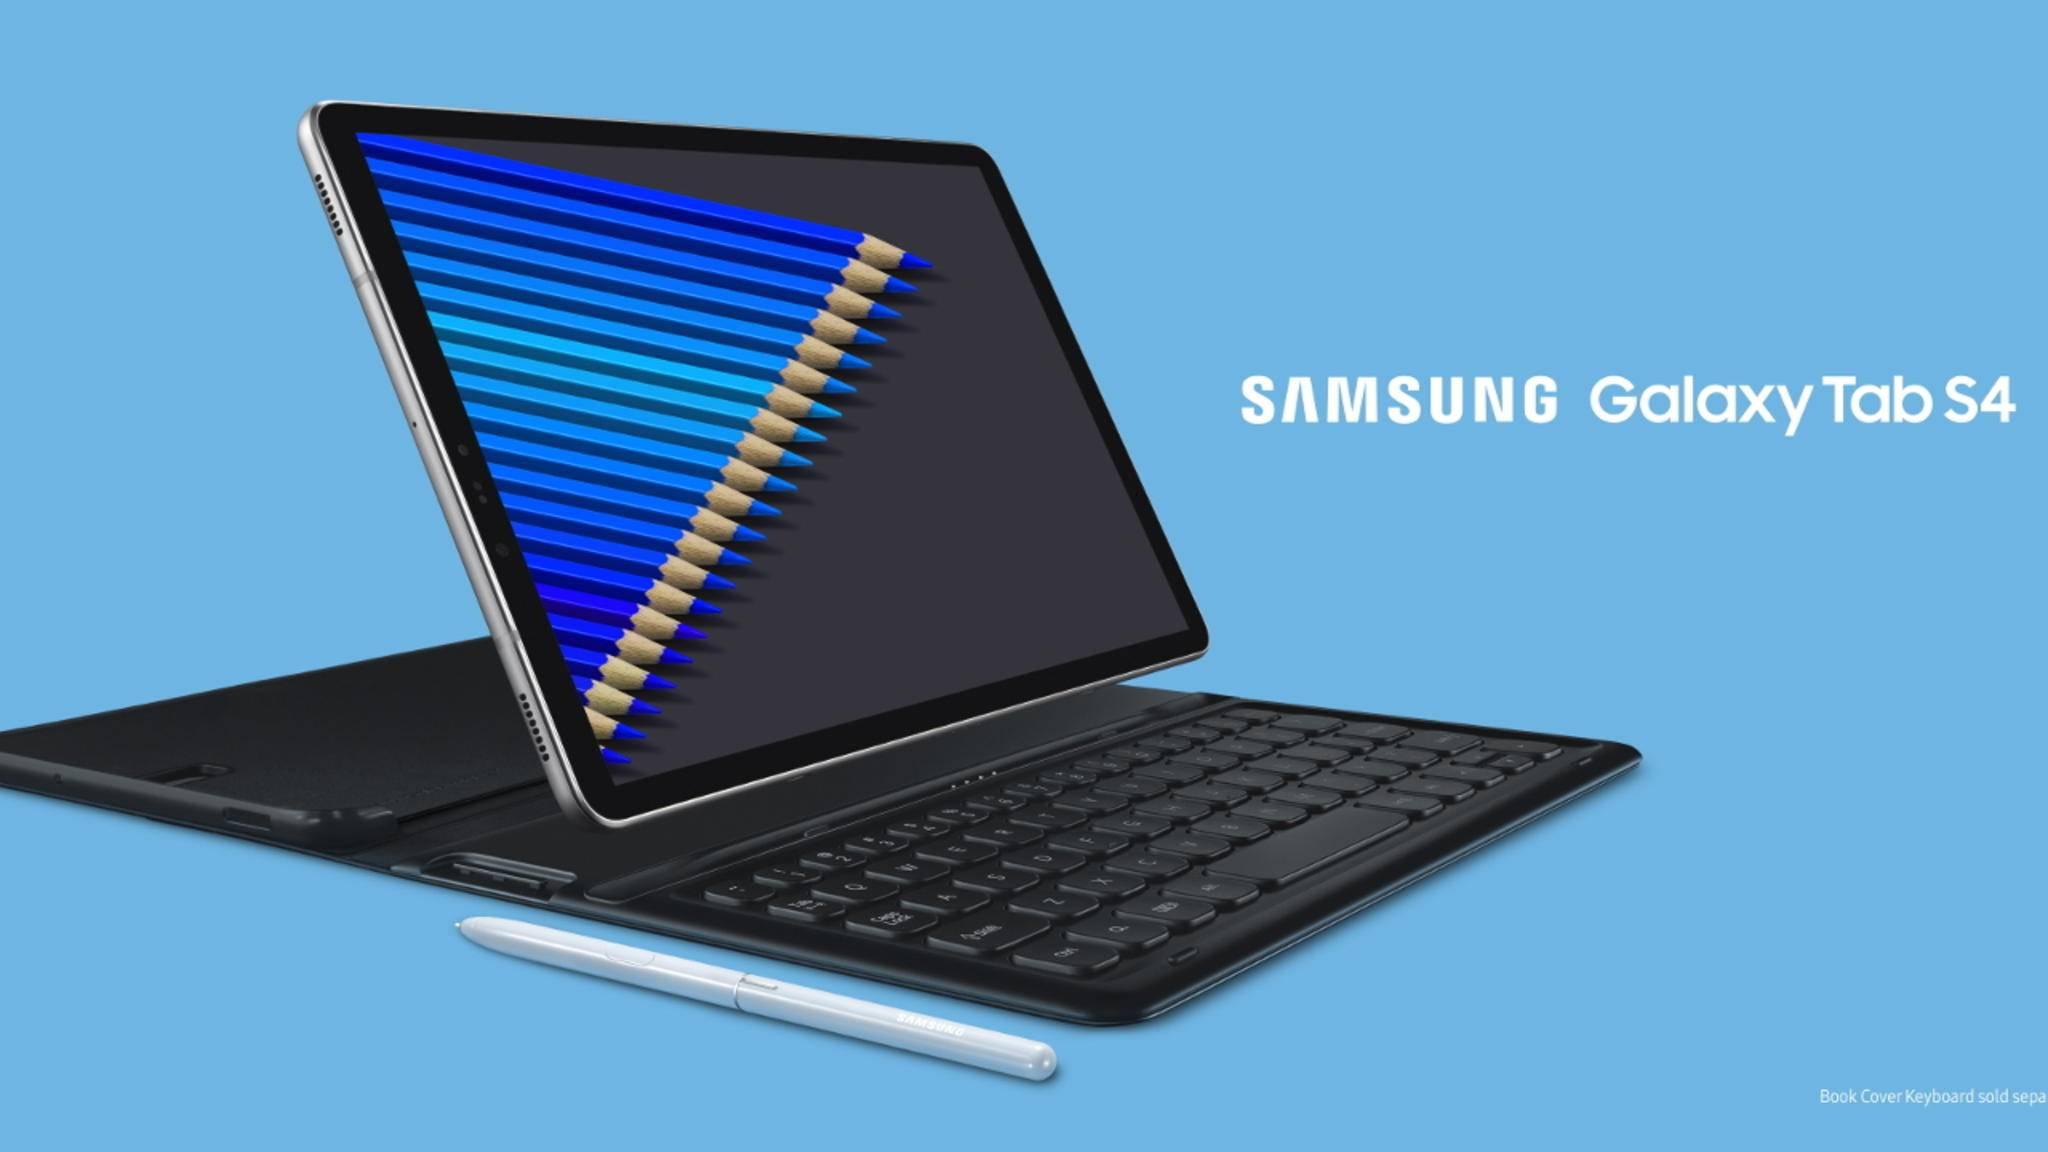 Das Galaxy Tab S4 ist Samsung neues High-End-Tablet und wurde in der vergangenen Woche vorgestellt.